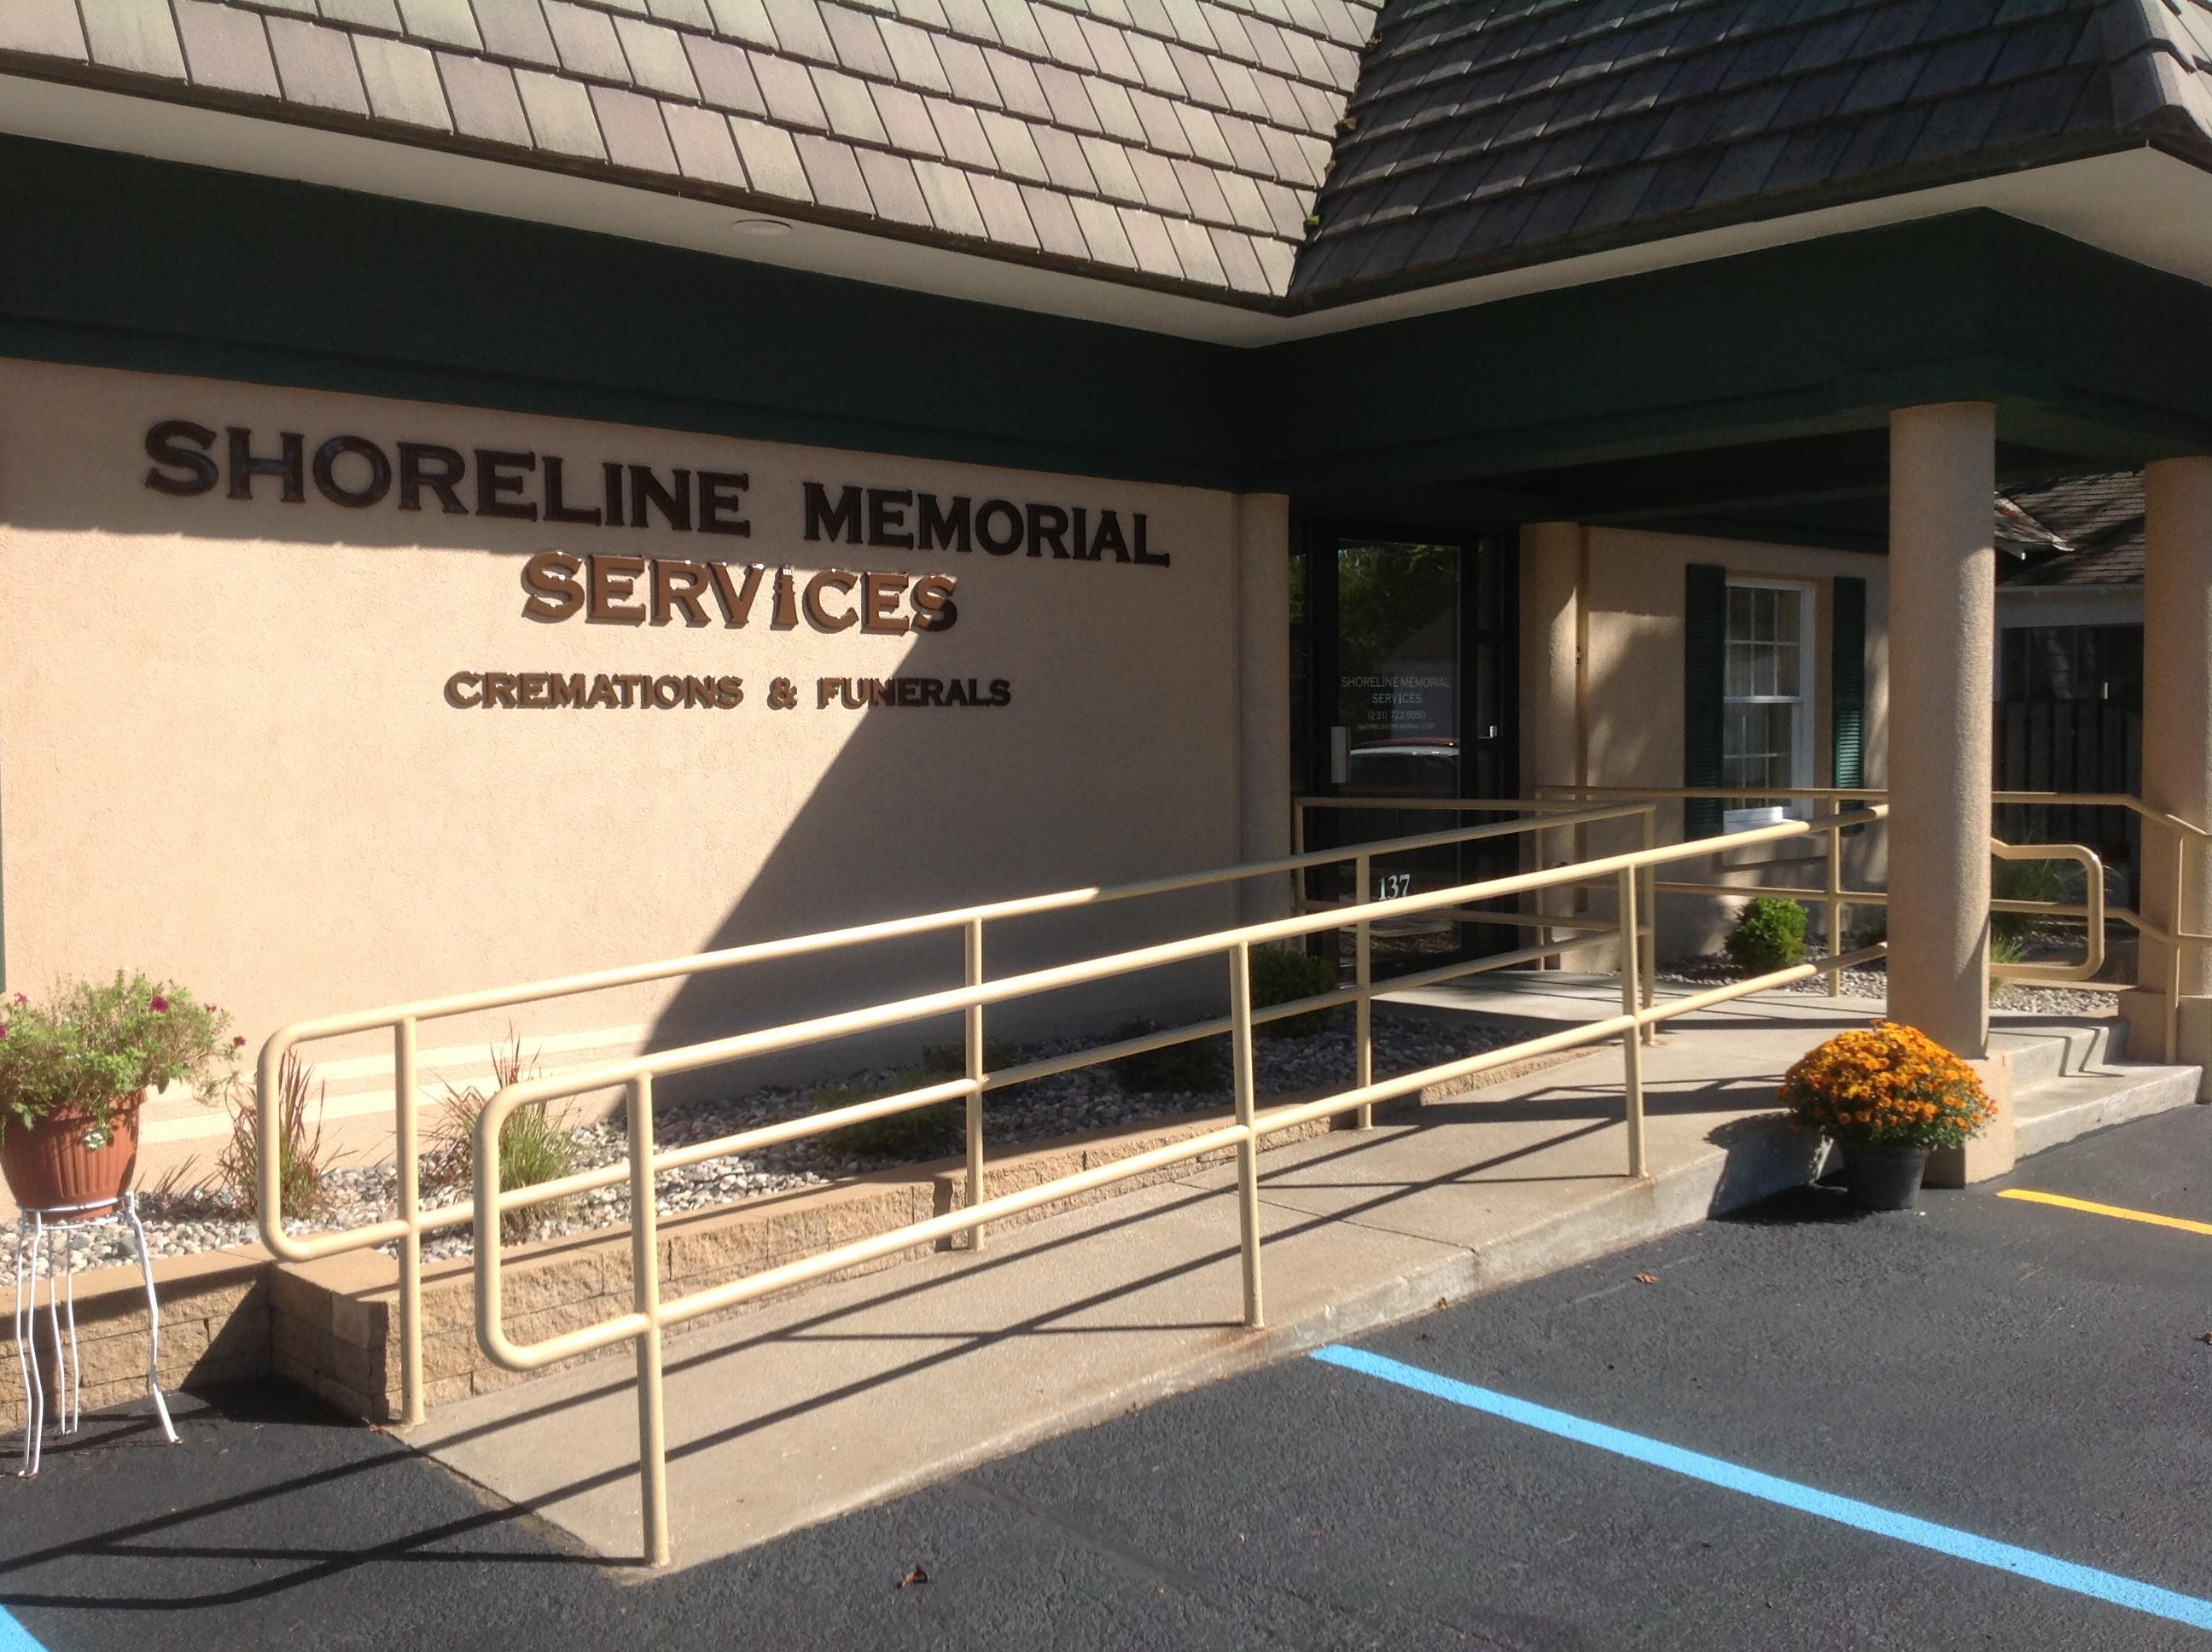 Shoreline Memorial Services image 1